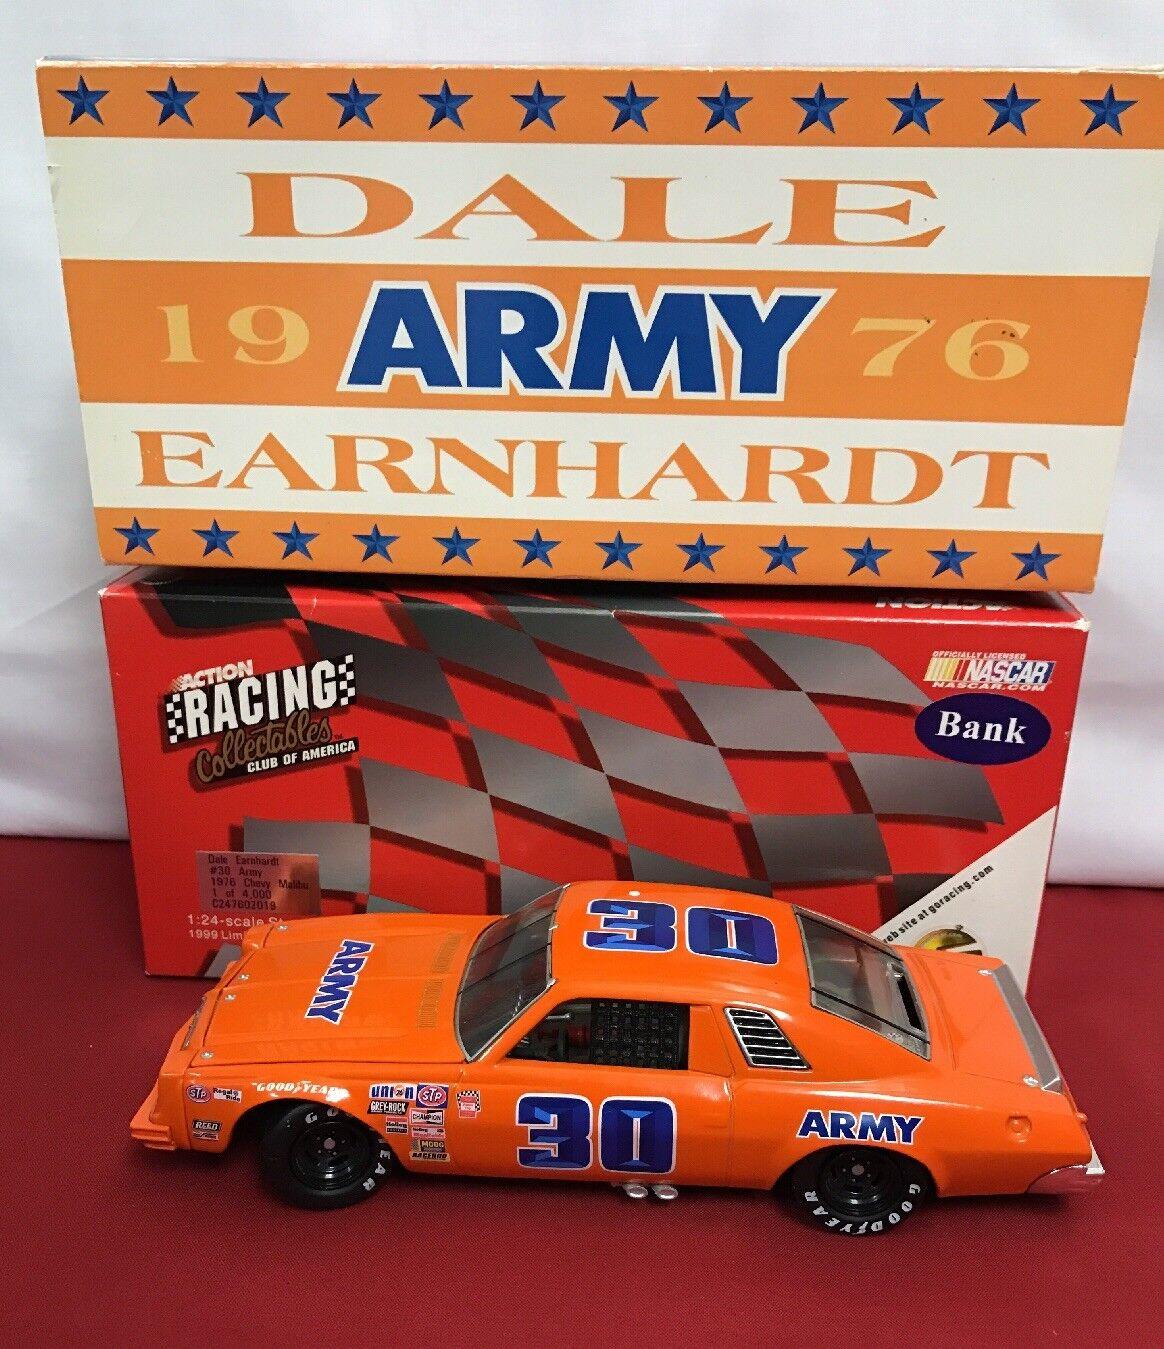 online economico Dale Earnhardt  30 Army  76 Chevy Chevy Chevy Malibu azione RCCA 1 24 CWB 1 of 4000  godendo i tuoi acquisti